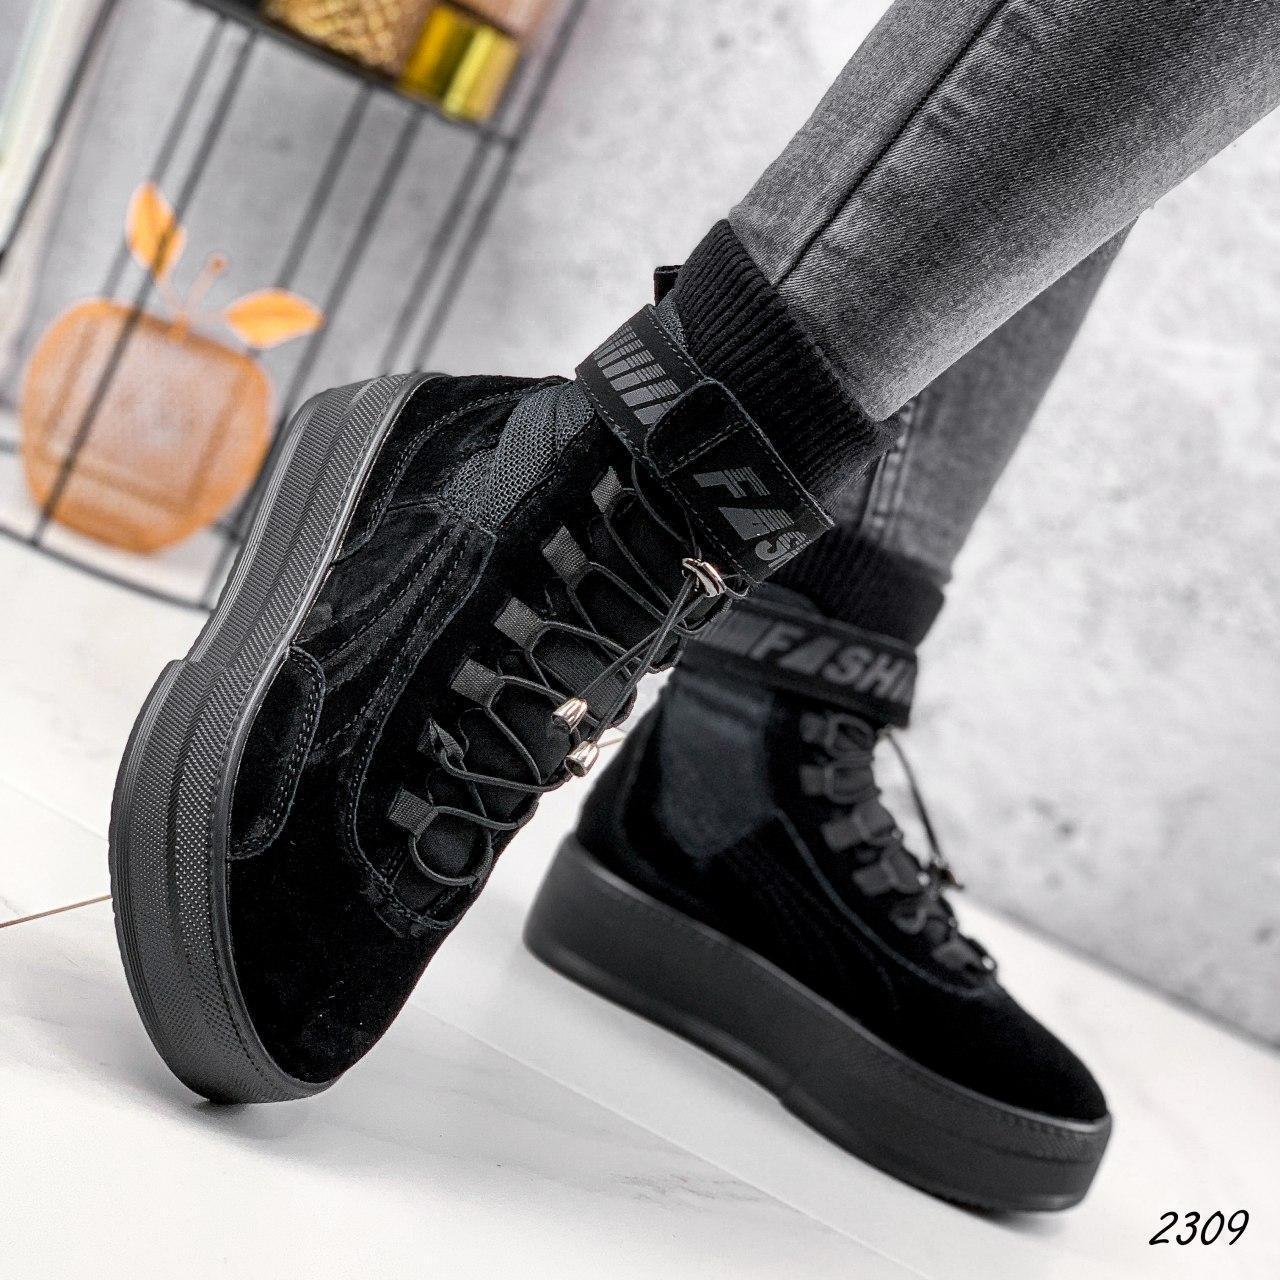 Черевики жіночі чорні, туфлі з НАТУРАЛЬНОЇ ЗАМШІ. Черевики жіночі чорні утеплені